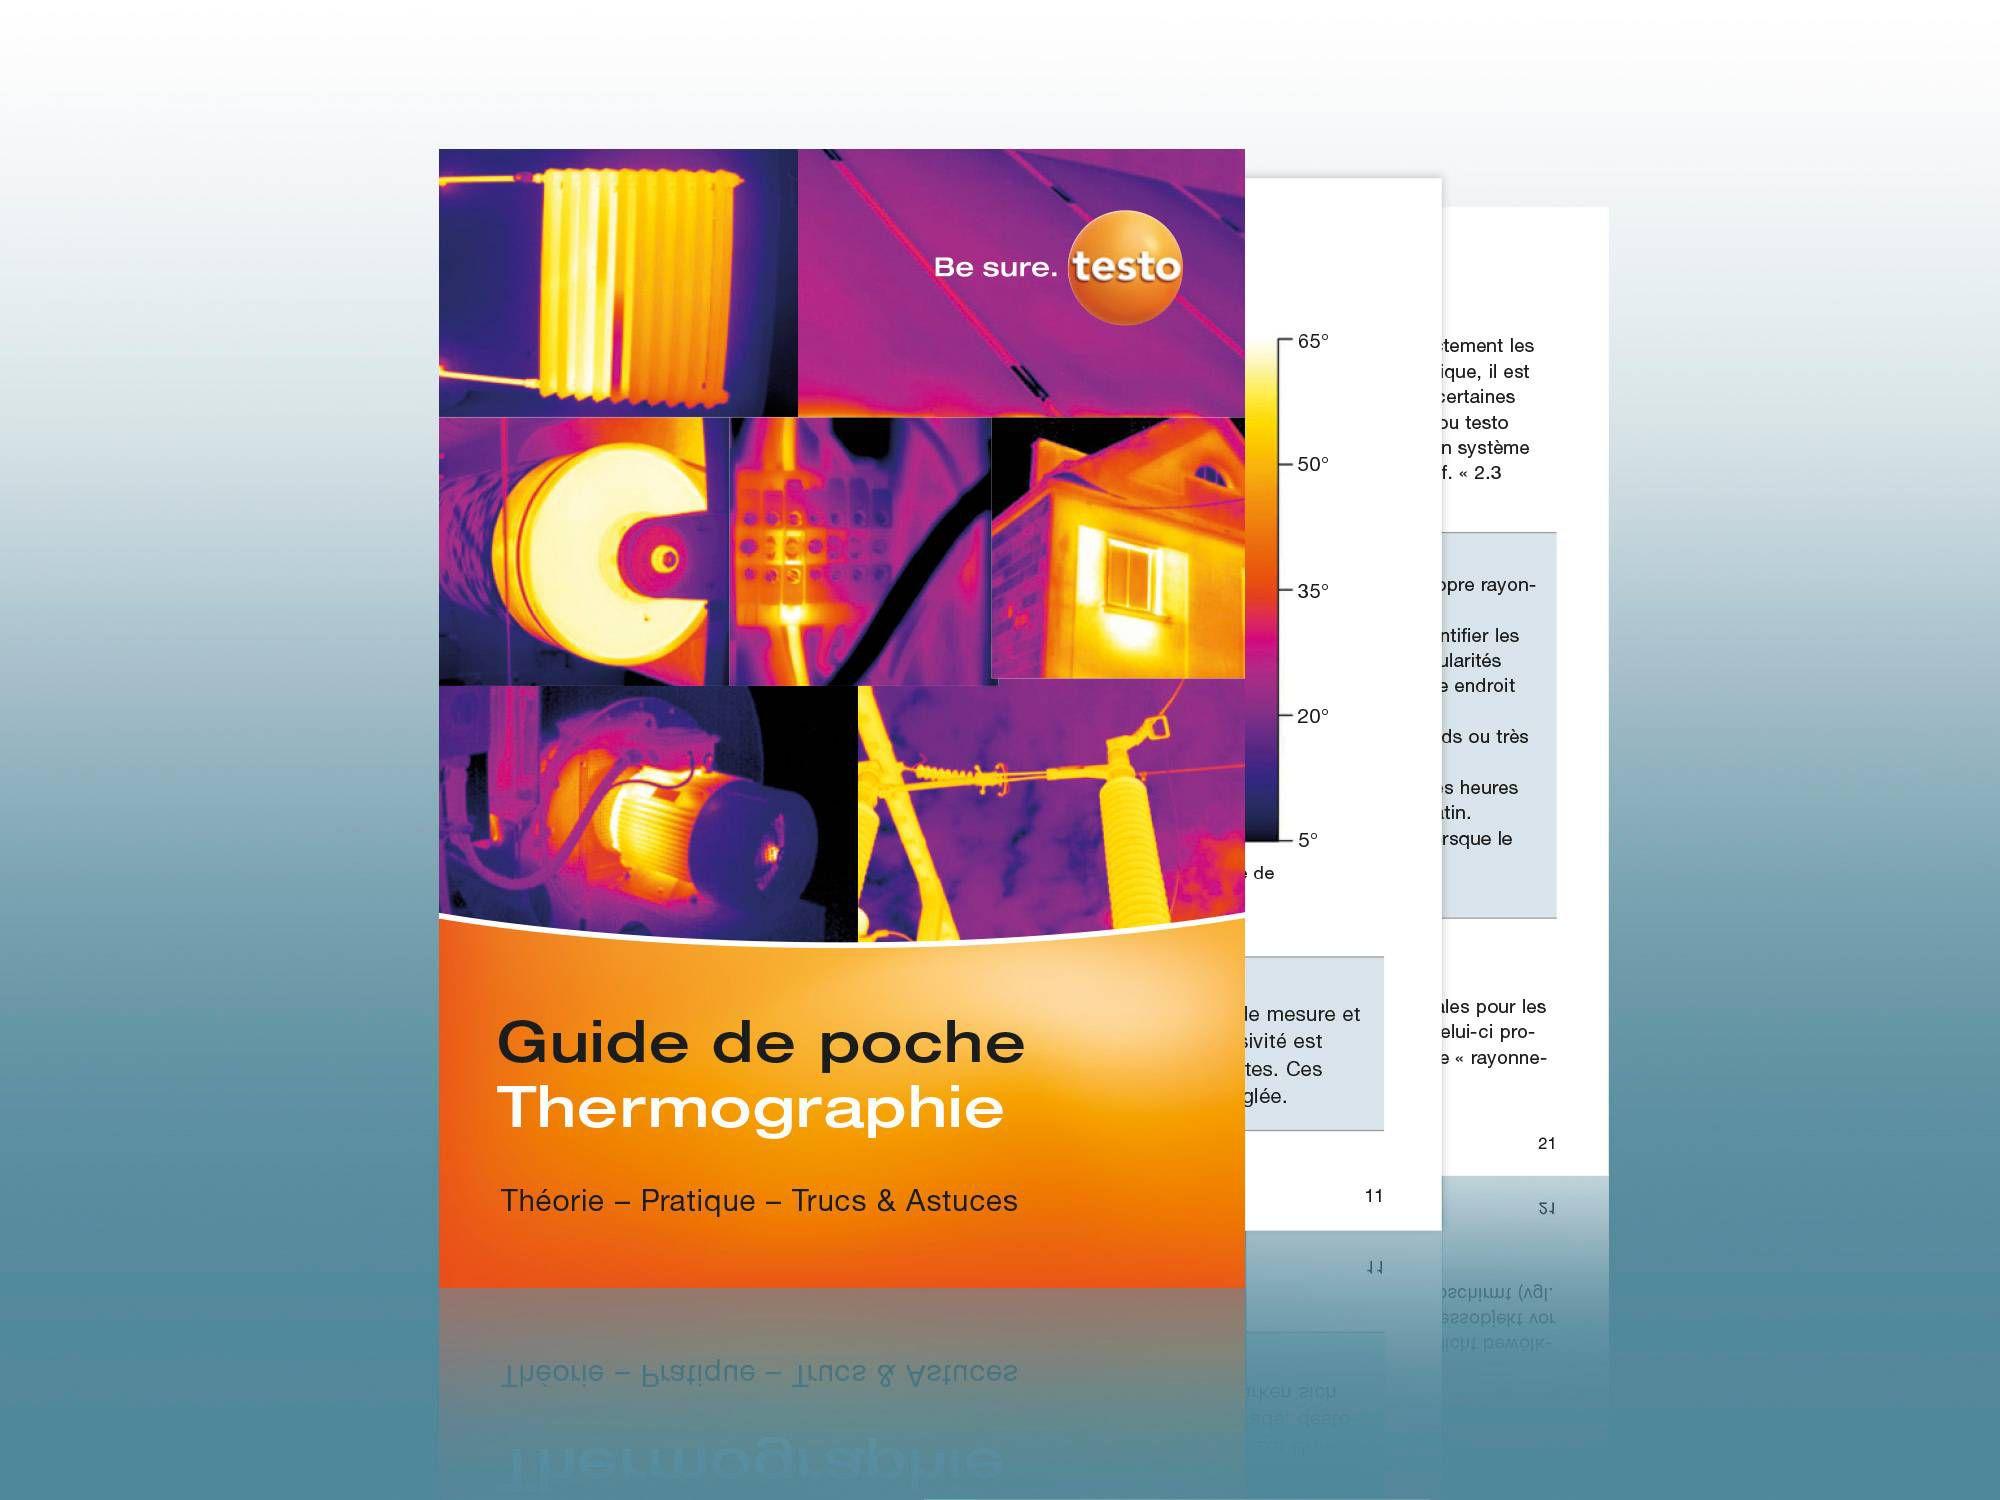 Guide de poche sur la thermographie